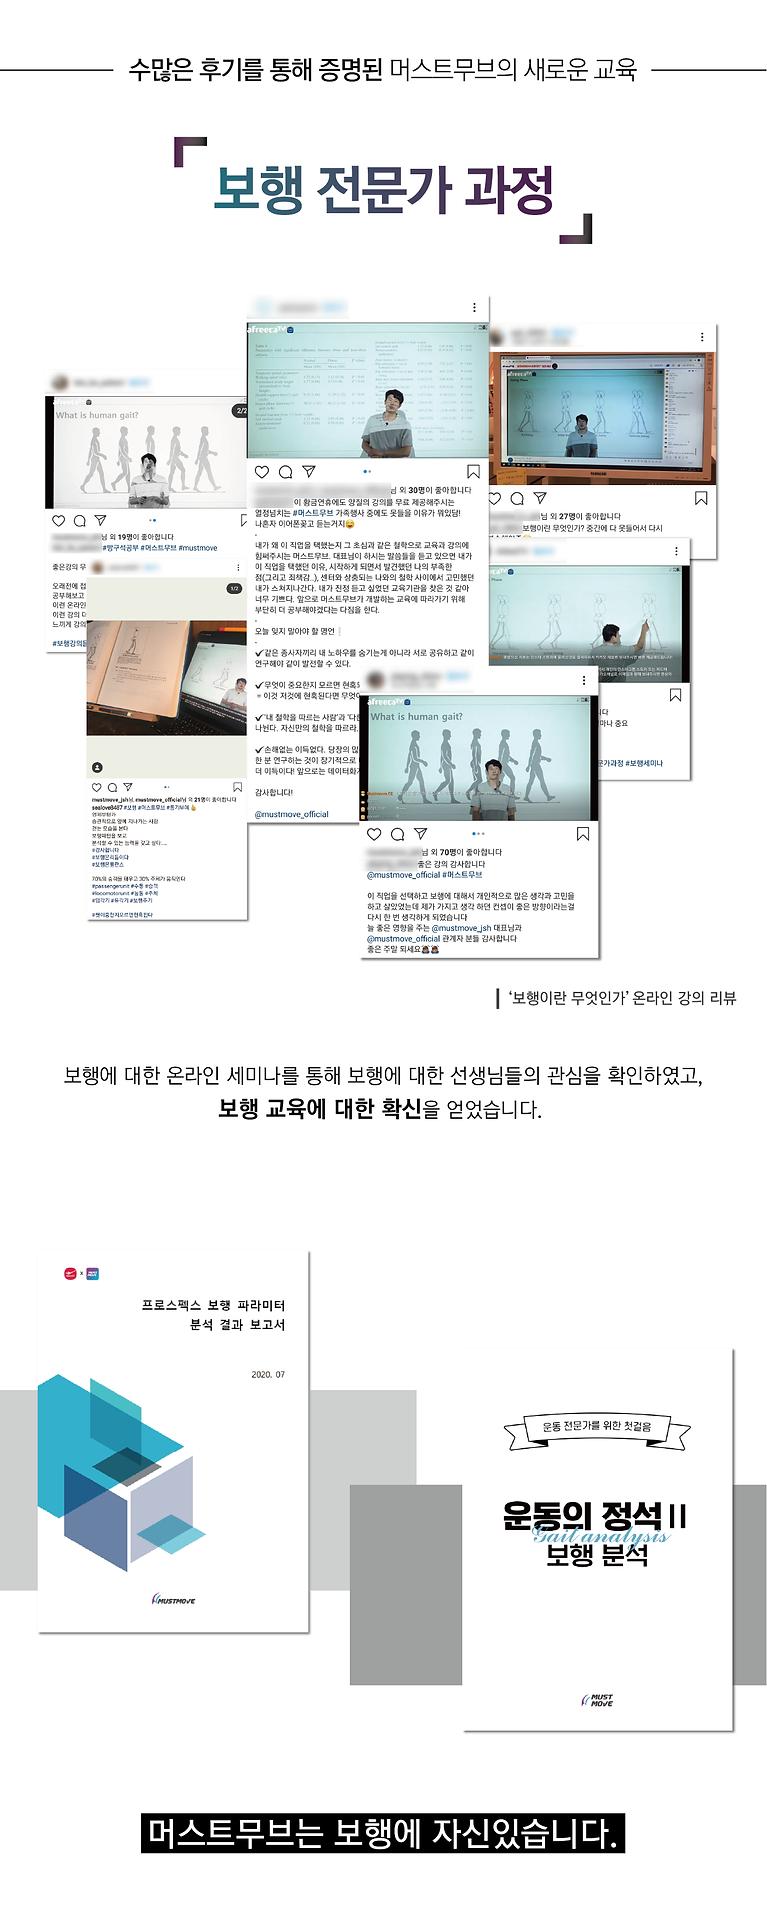 201105 보행전문가과정 커리큘럼-03.png